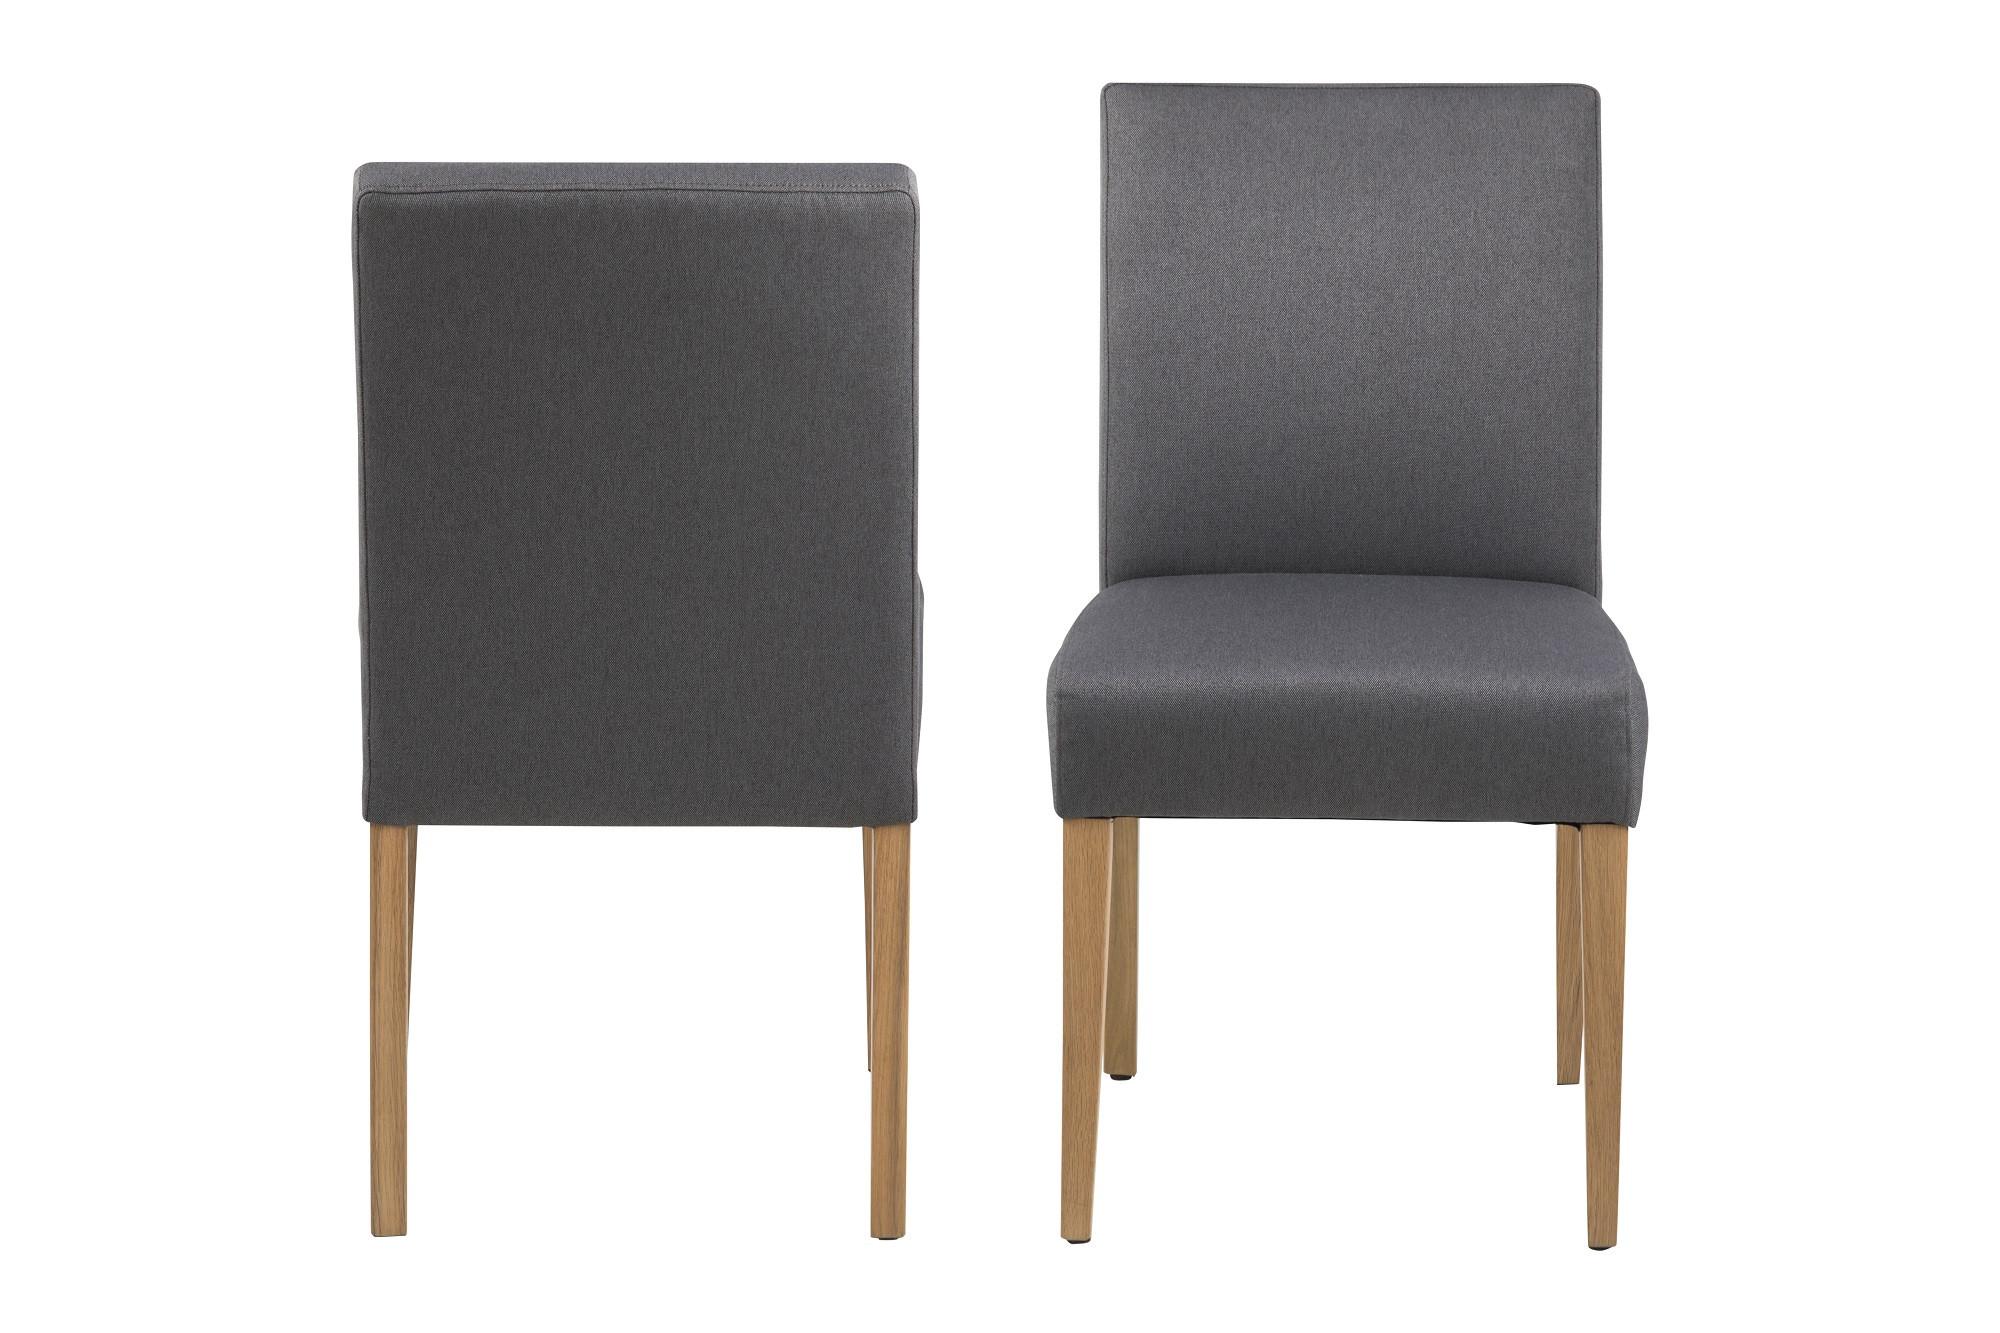 Quel Tissu Pour Chaise lot de 2 chaises en tissu anthracite et bois : modèle ida - hellin